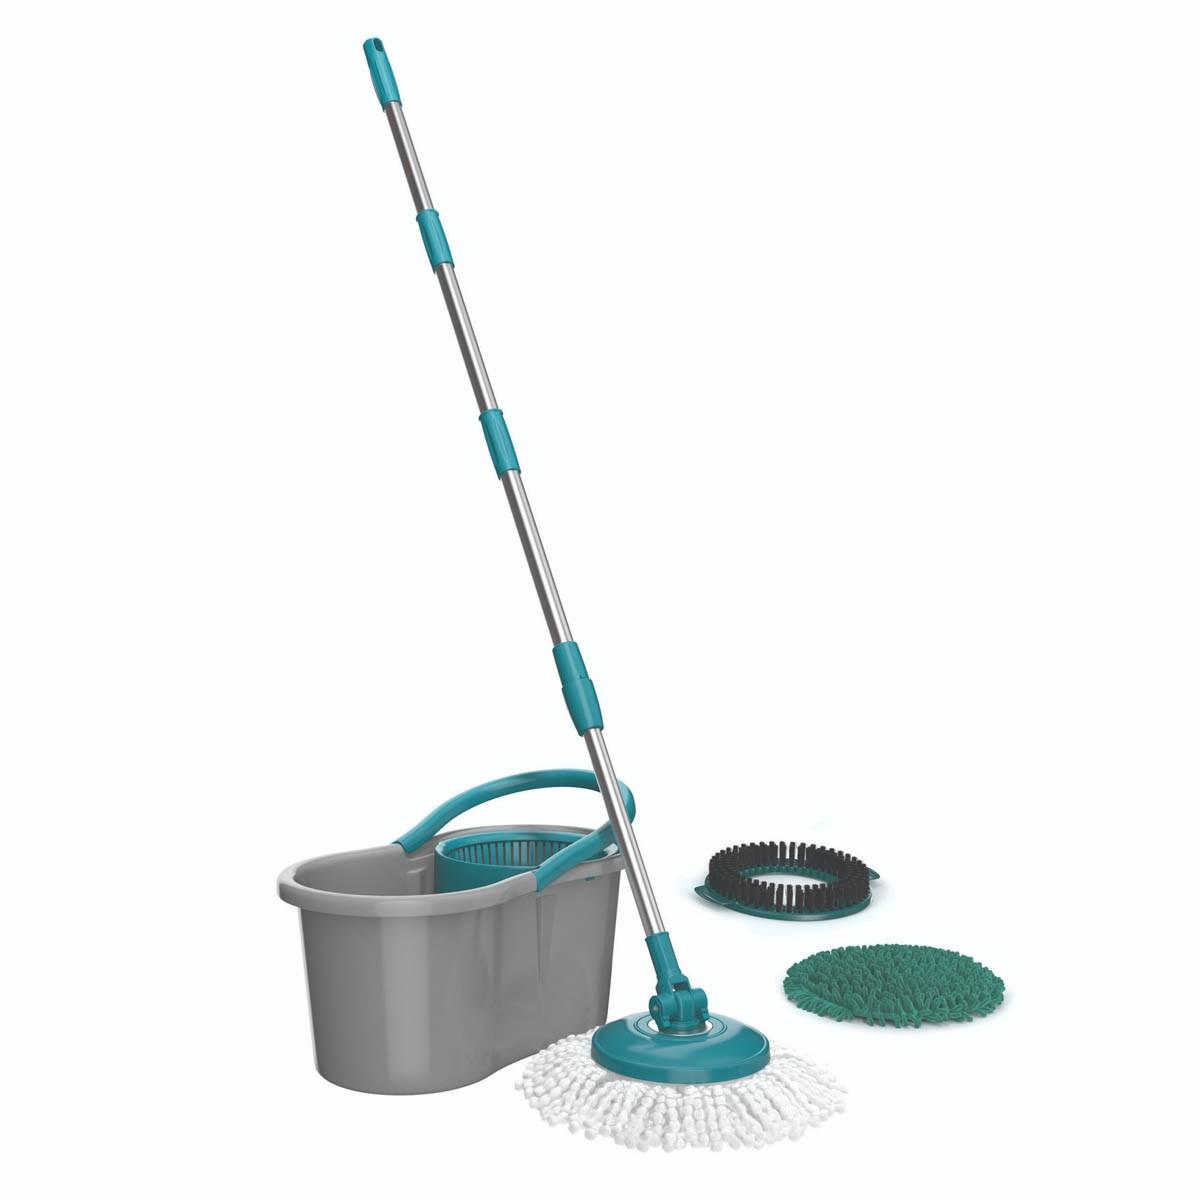 Mop Giratório Flash Limp Fit 3 Em 1 MOP9379